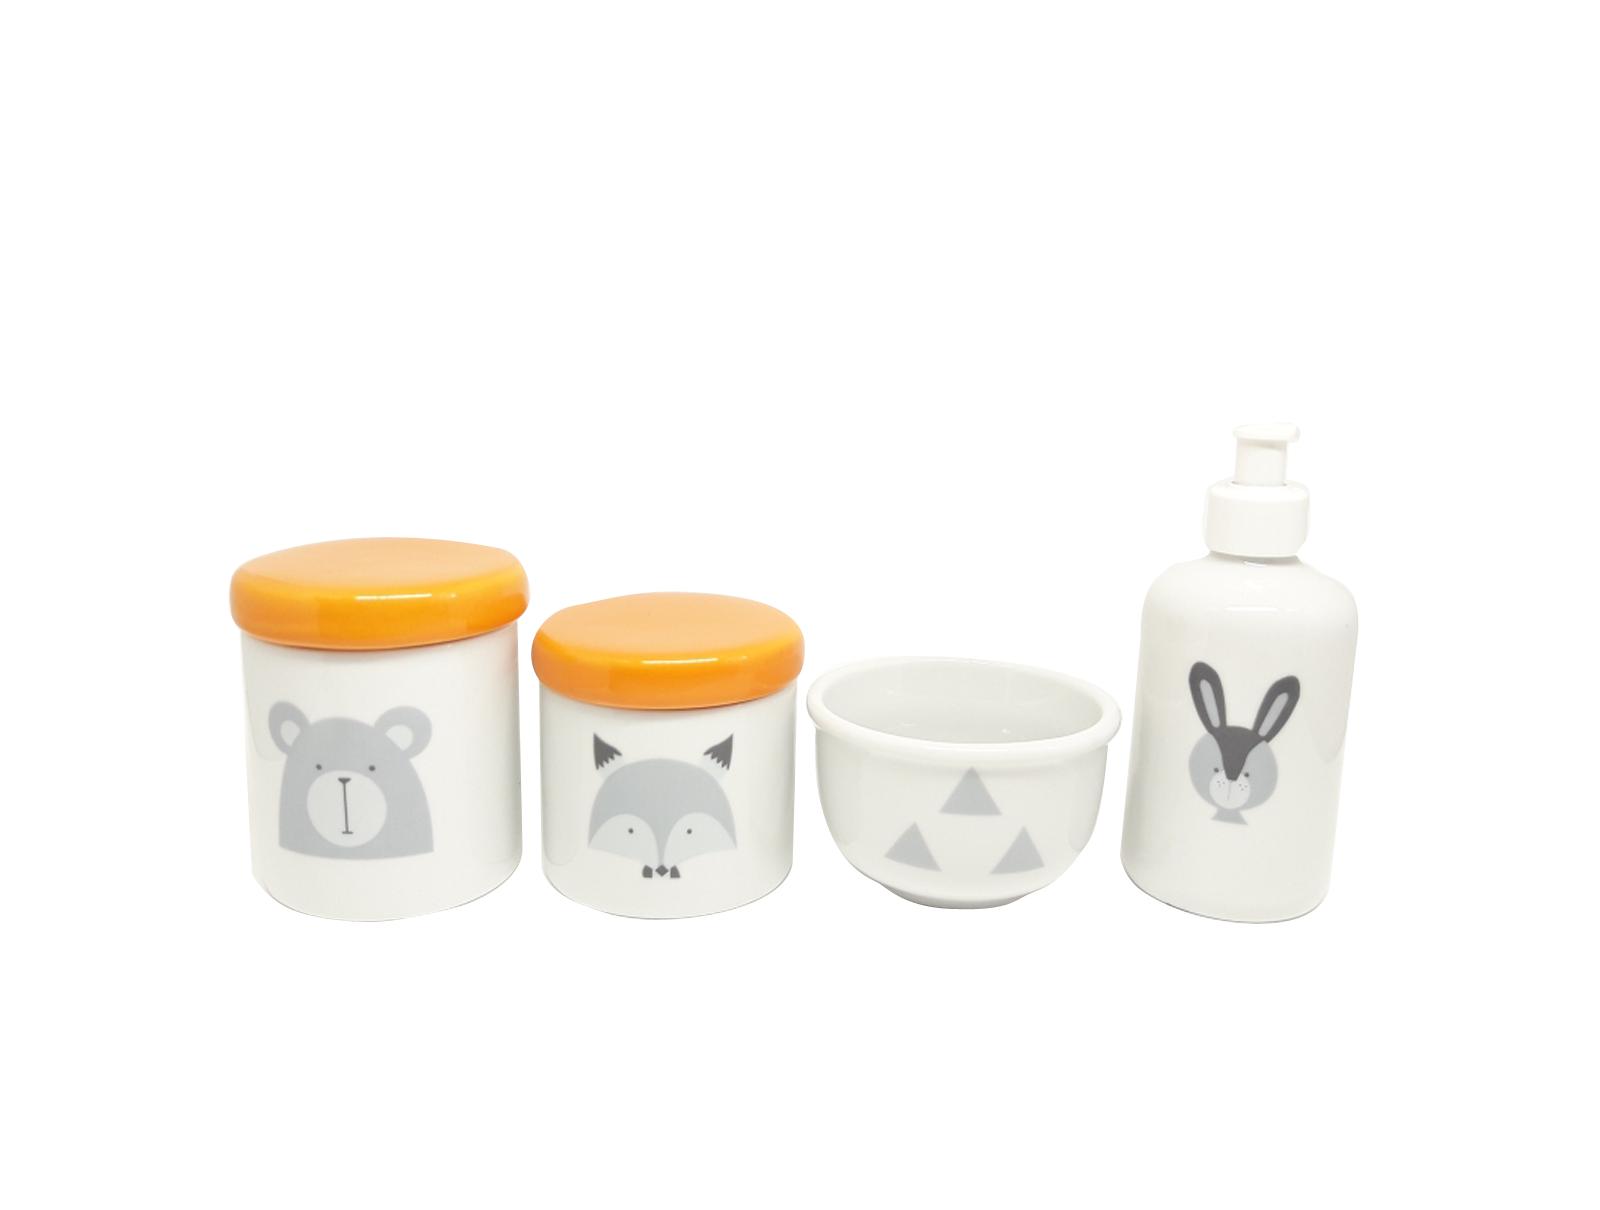 Kit Higiene Bebê Porcelana Escandinavo |Urso e Raposa | Tampas Laranjas